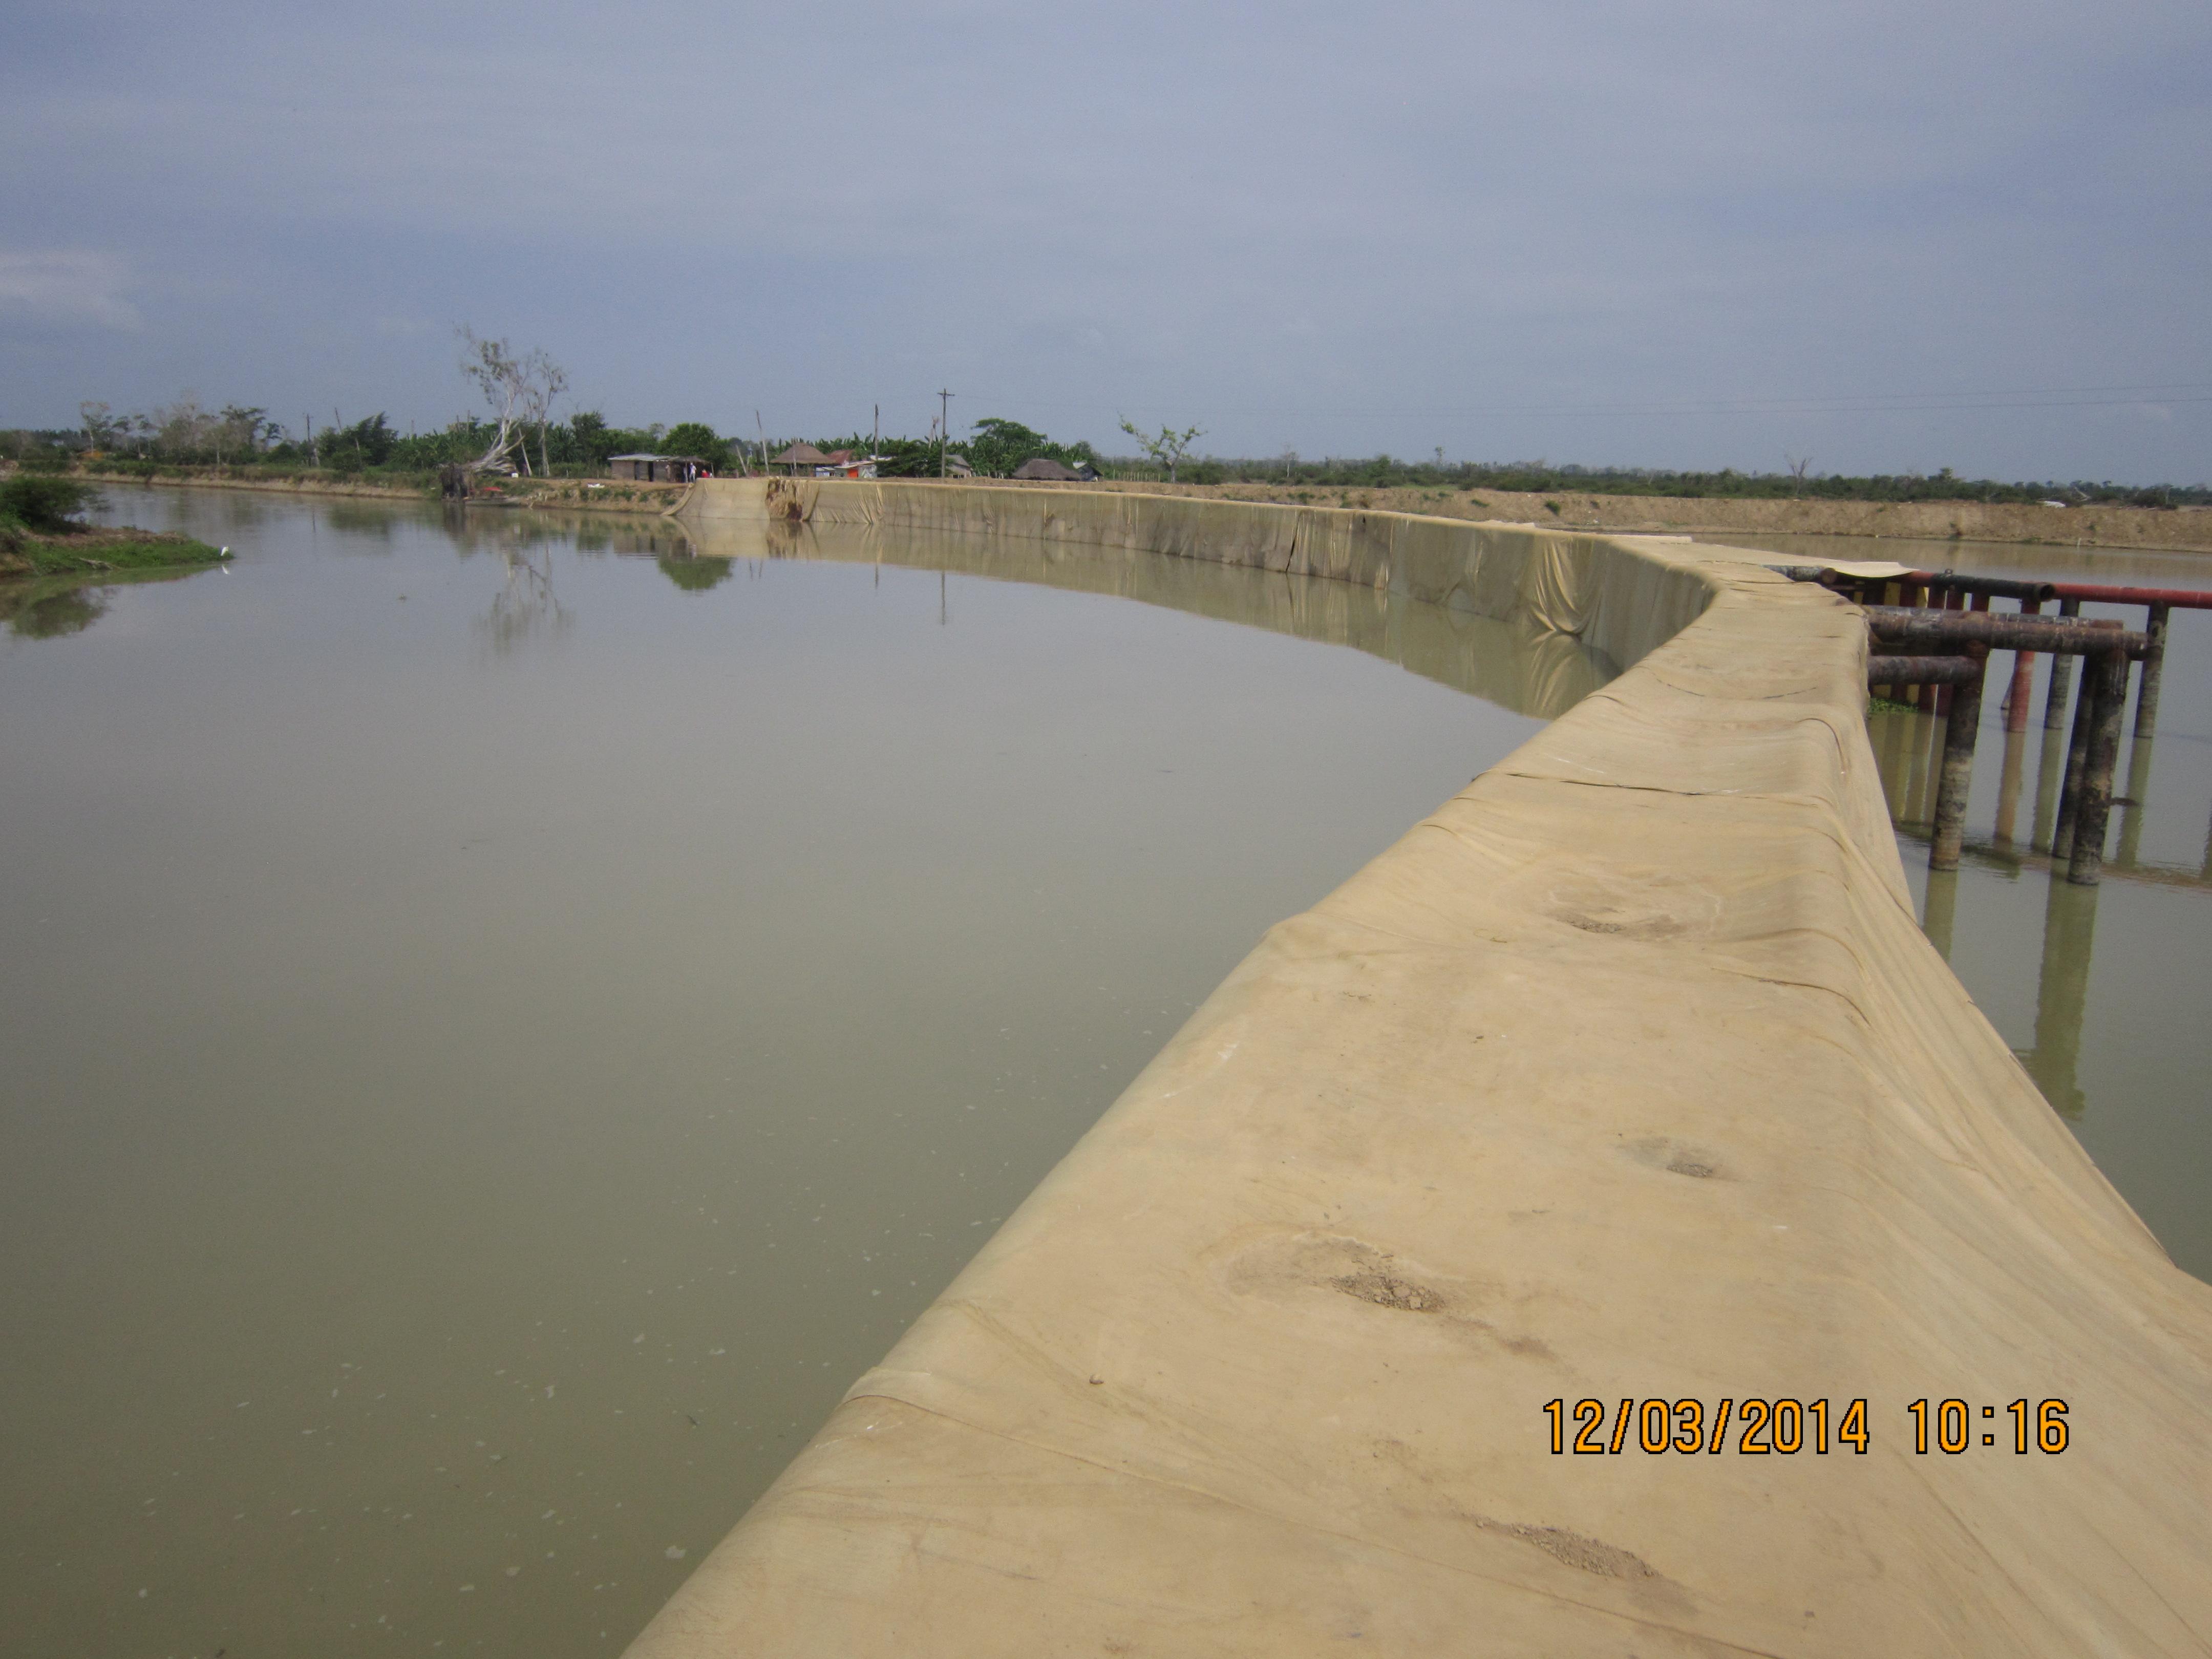 Suministro e instalación de Hidroblock en la barrera principal